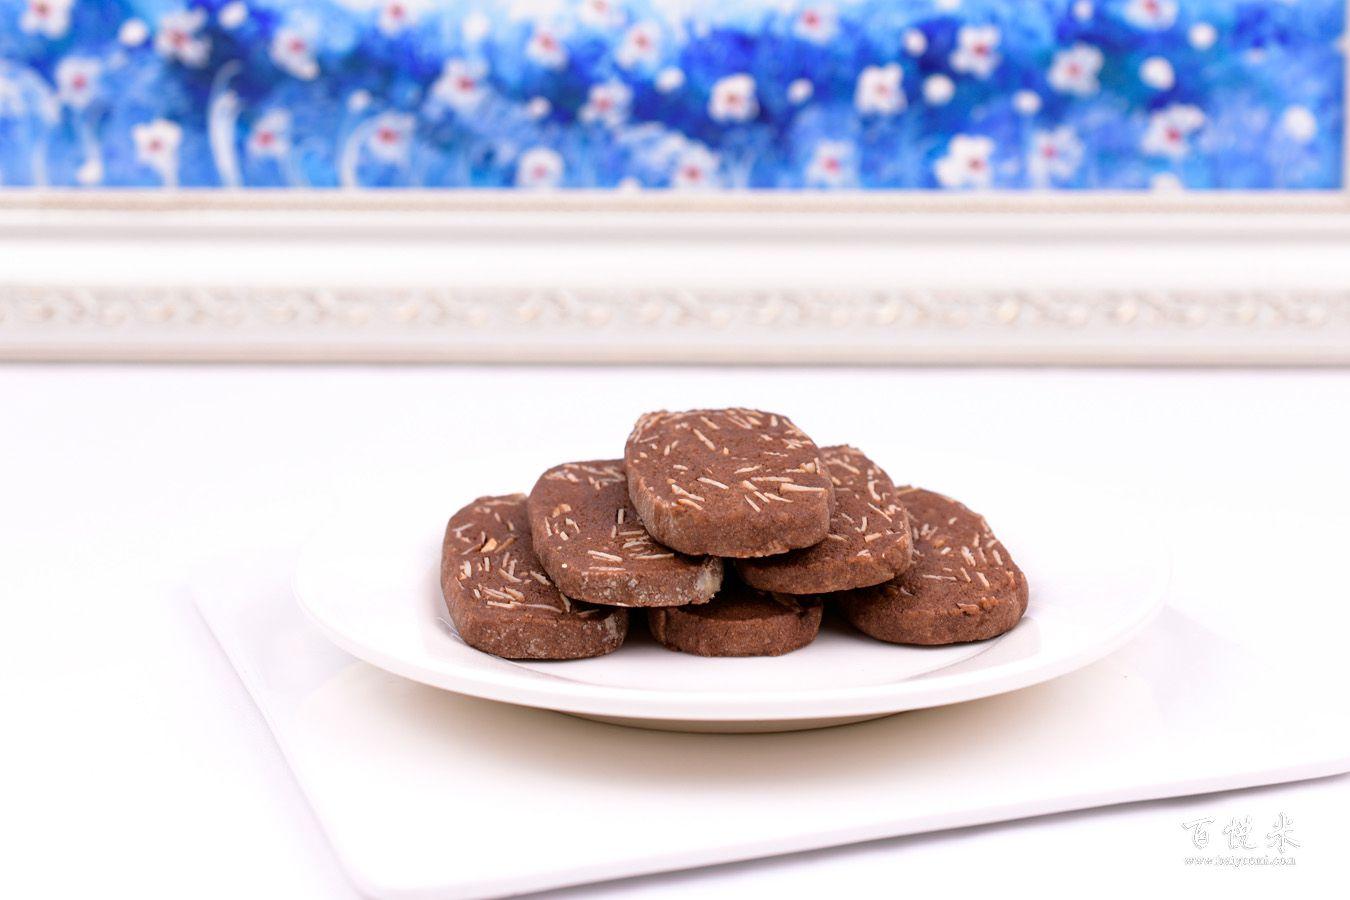 杏仁巧克力饼干的做法大全,巧克力饼干西点培训图文步骤分享